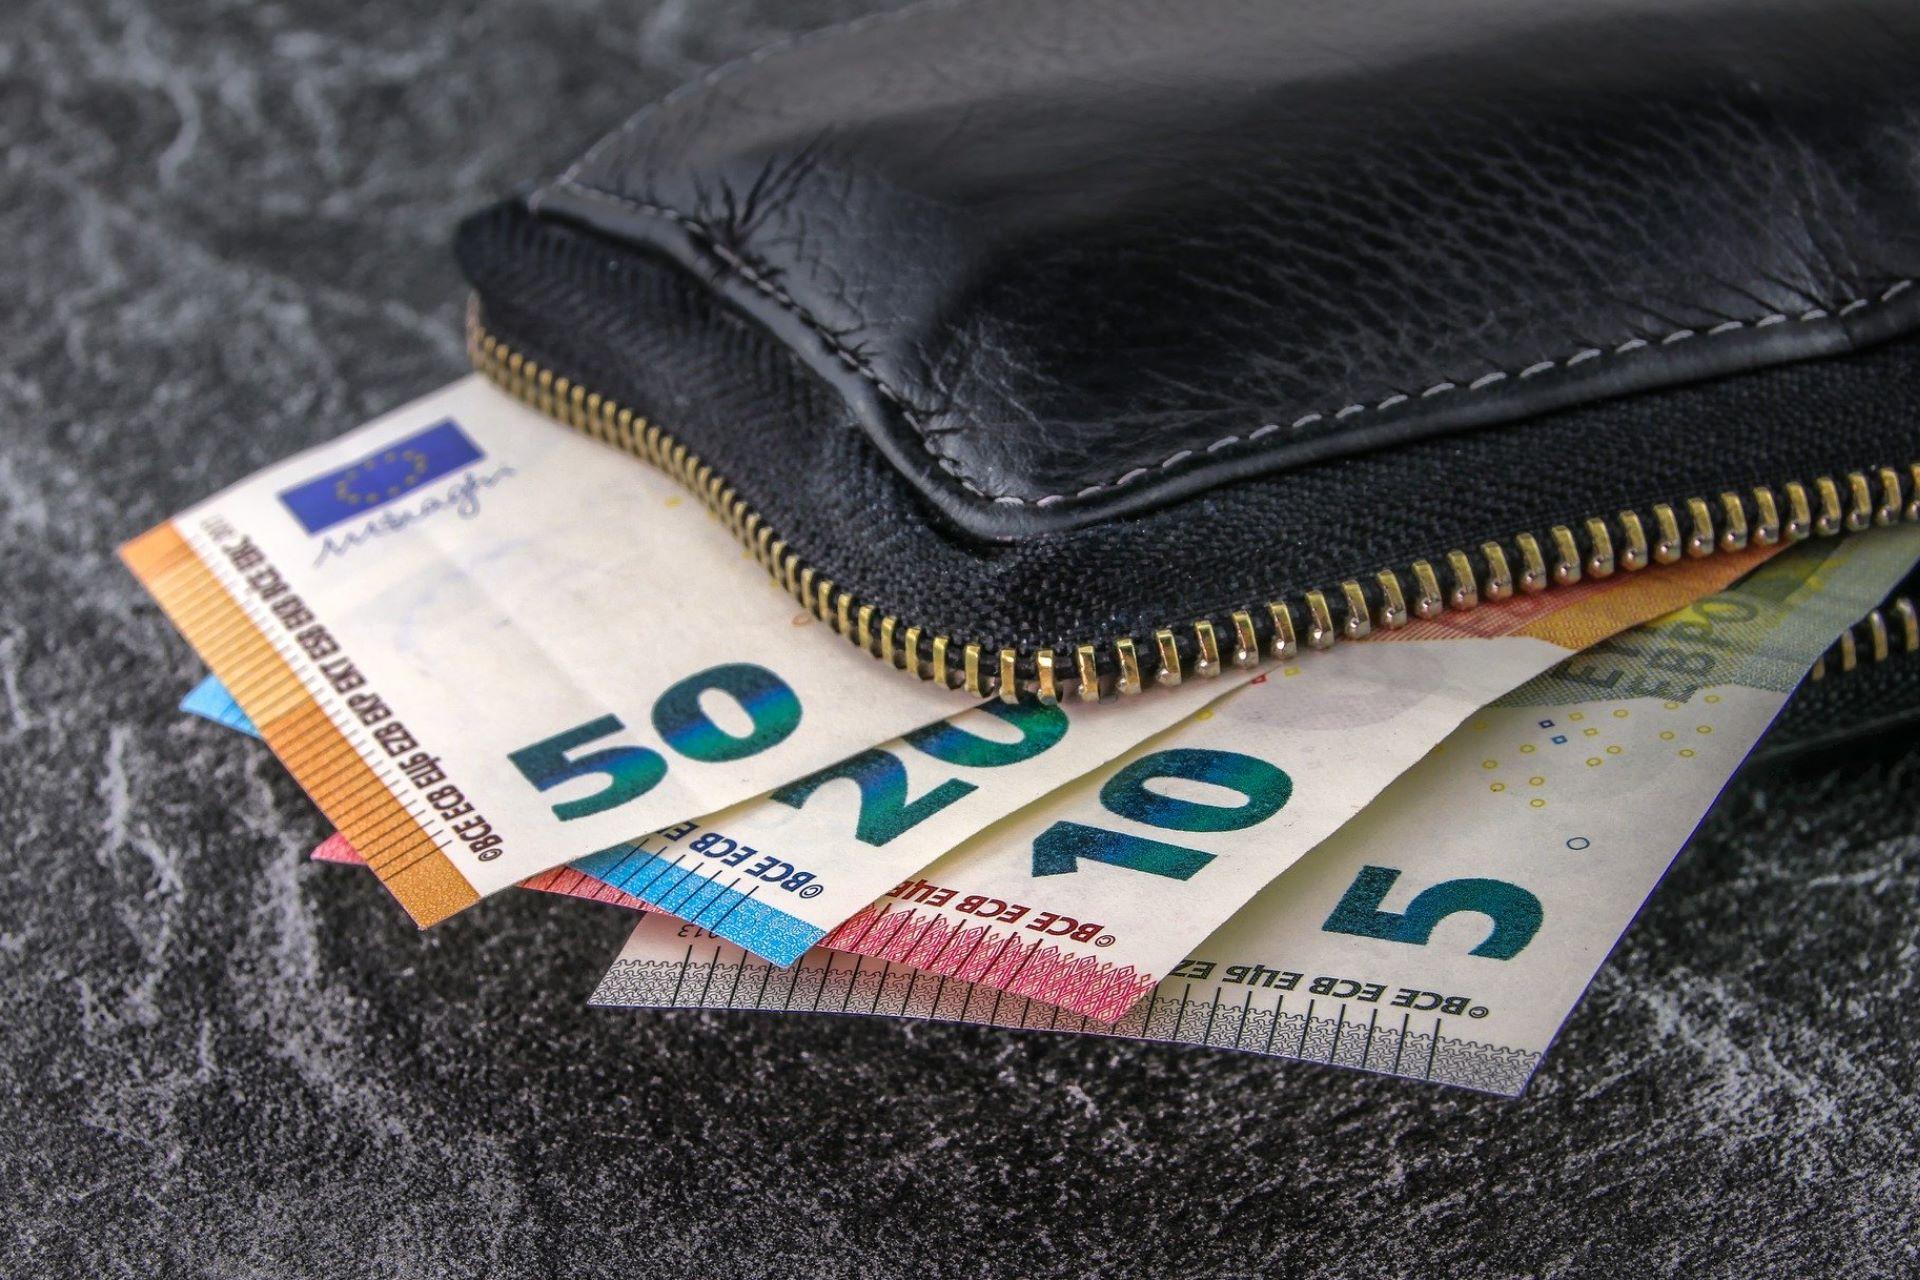 Anfrage | Beschluss der LR Nr. 1182 vom 30.12.2019 – Integration: Richtlinien für den Anspruch von Nicht-EU-Bürgern auf zusätzliche Leistungen des Landes